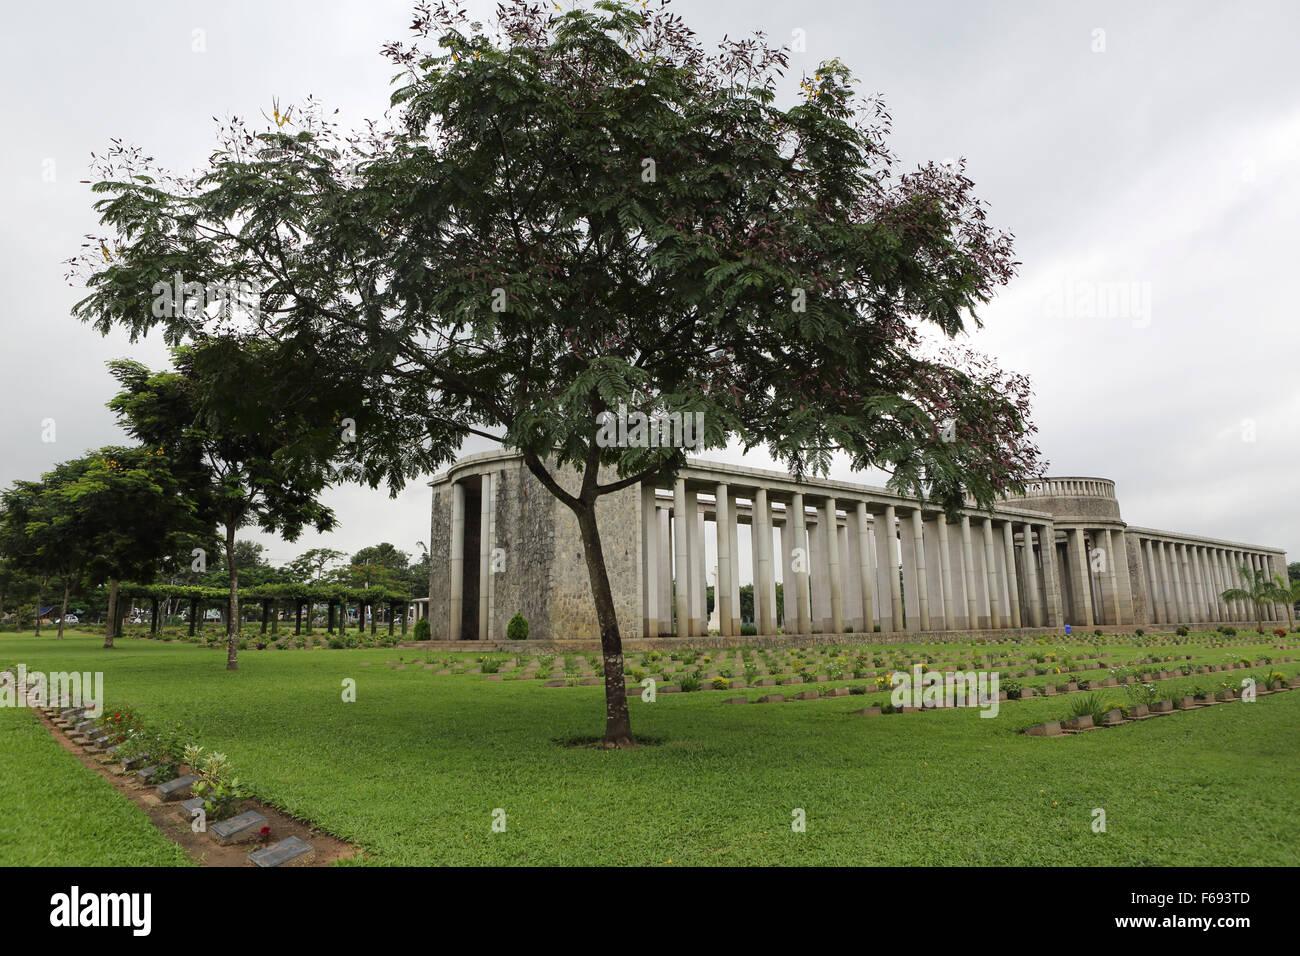 Un arbre par le Memorial Rangoon Taukkyan au cimetière près de Yangon, Myanmar. Banque D'Images